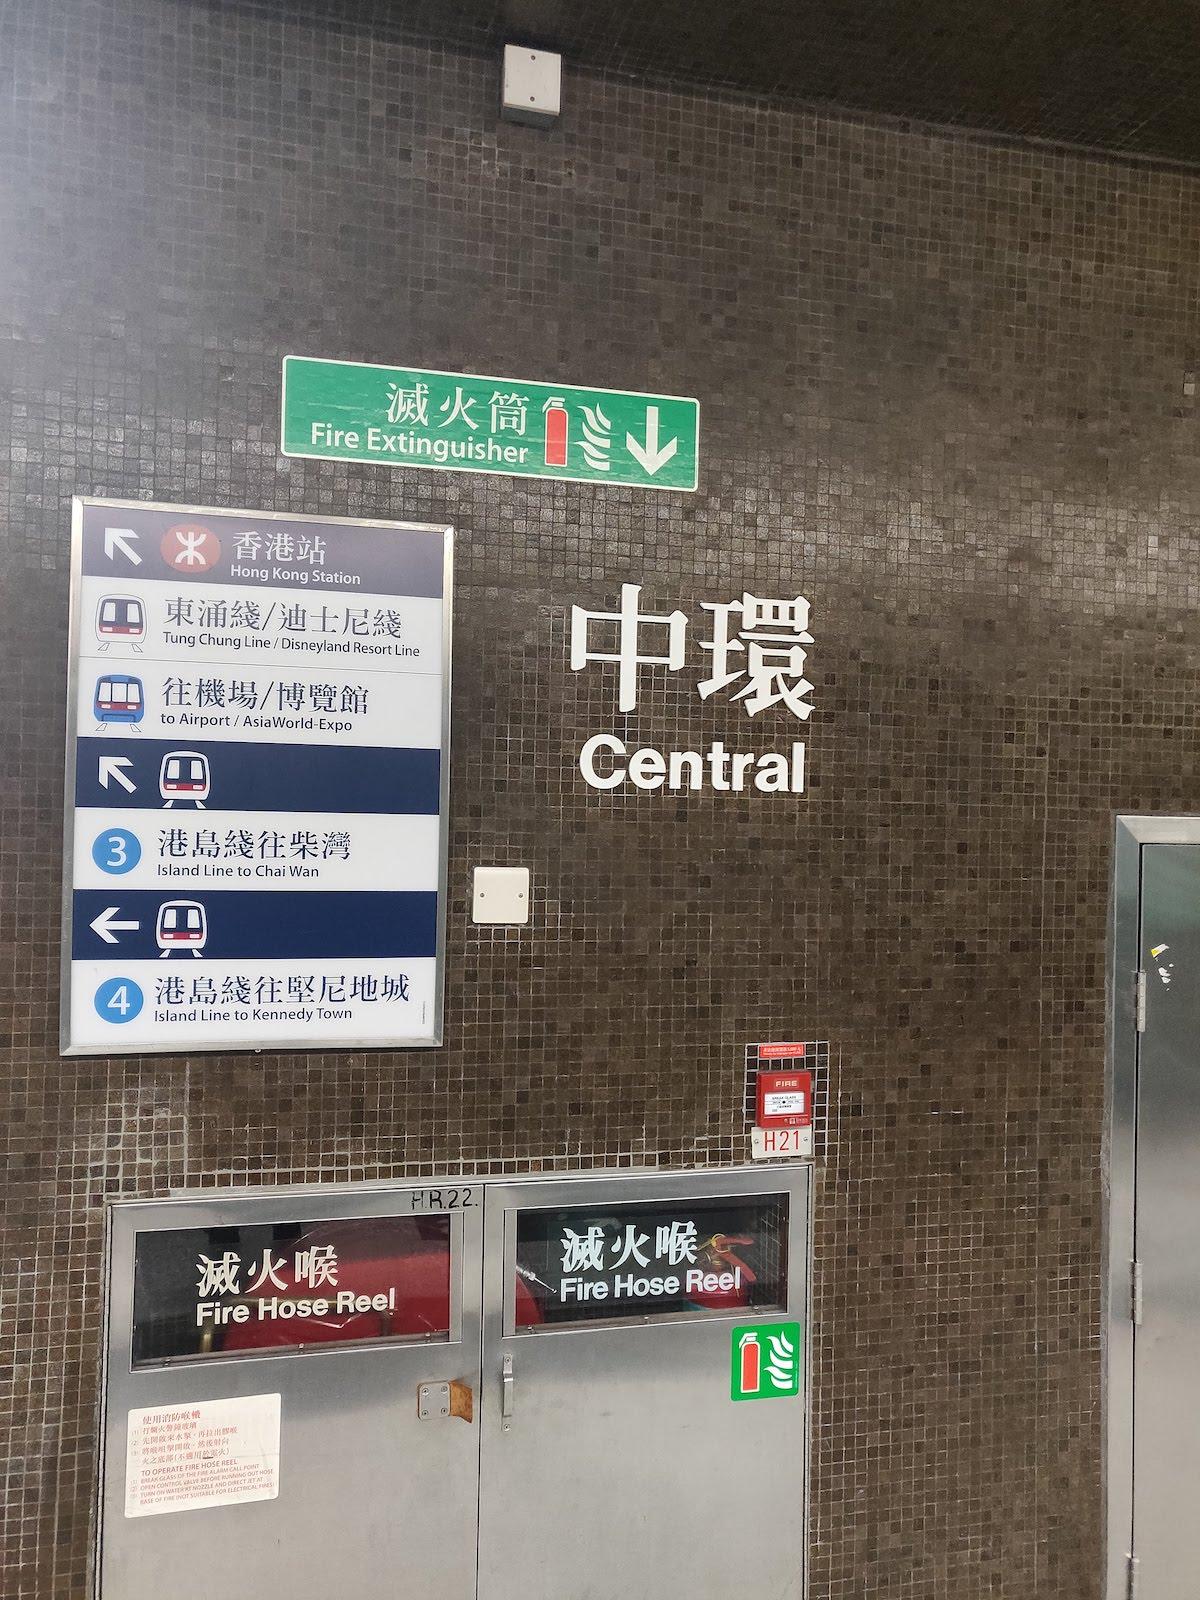 https://xiaozhou.net/pics/2020/103.jpg